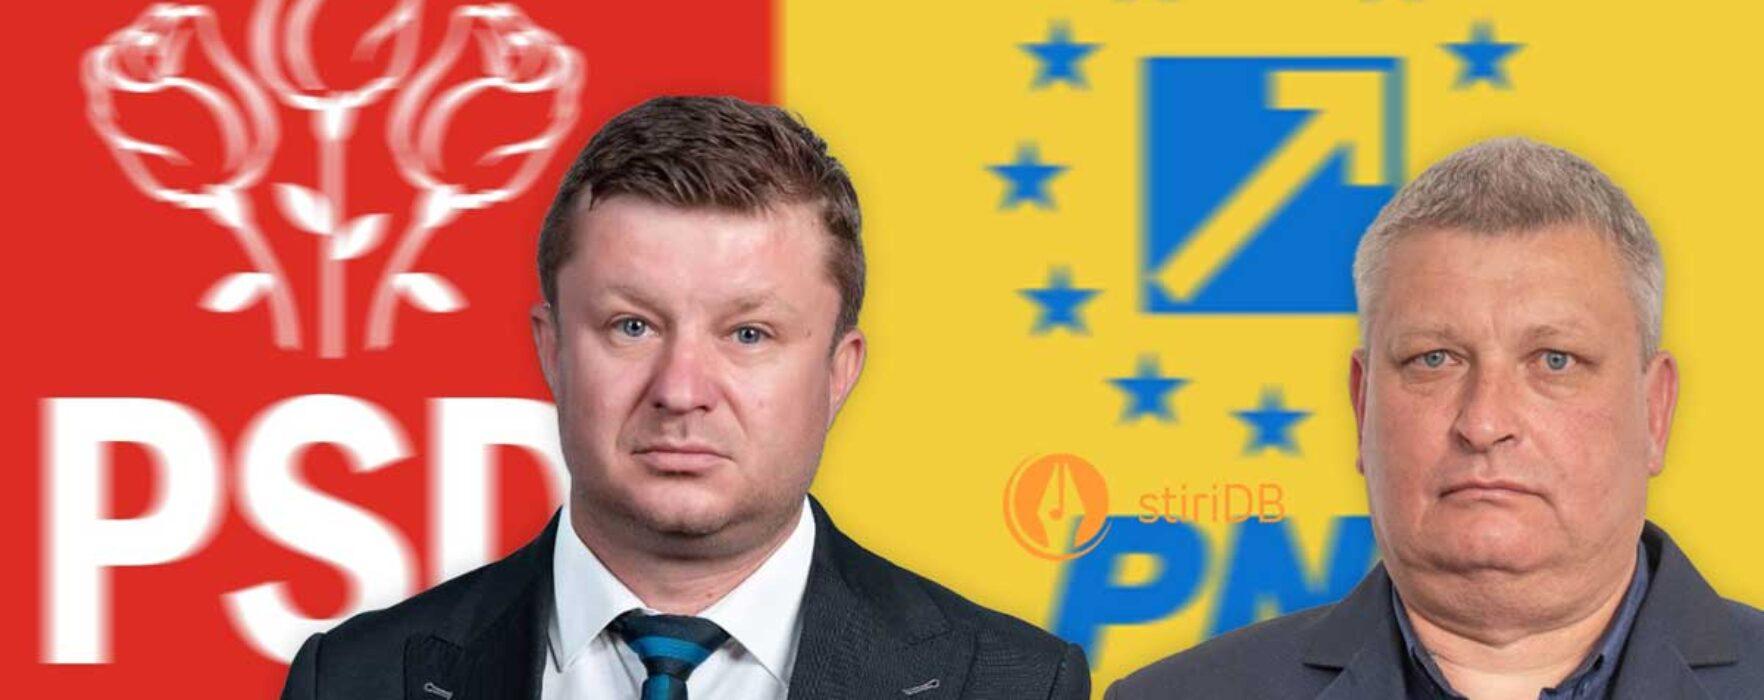 Dâmboviţa: Primarul Ocniţei, dispoziţie pentru viceprimarul contracandidat în alegeri să muncească noaptea; Prefectura contestă actul